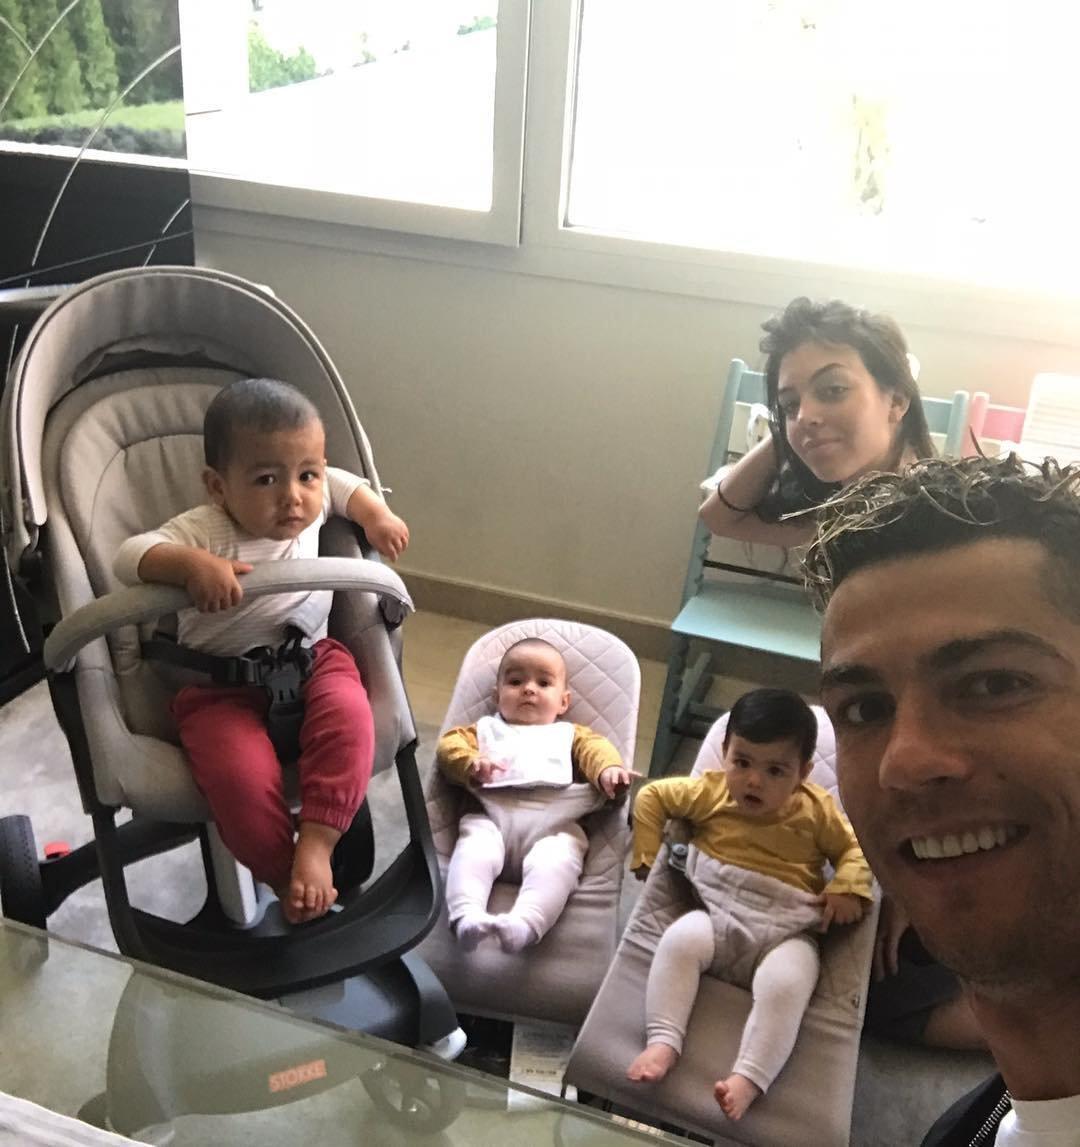 джоли и питт и их дети фото 2018